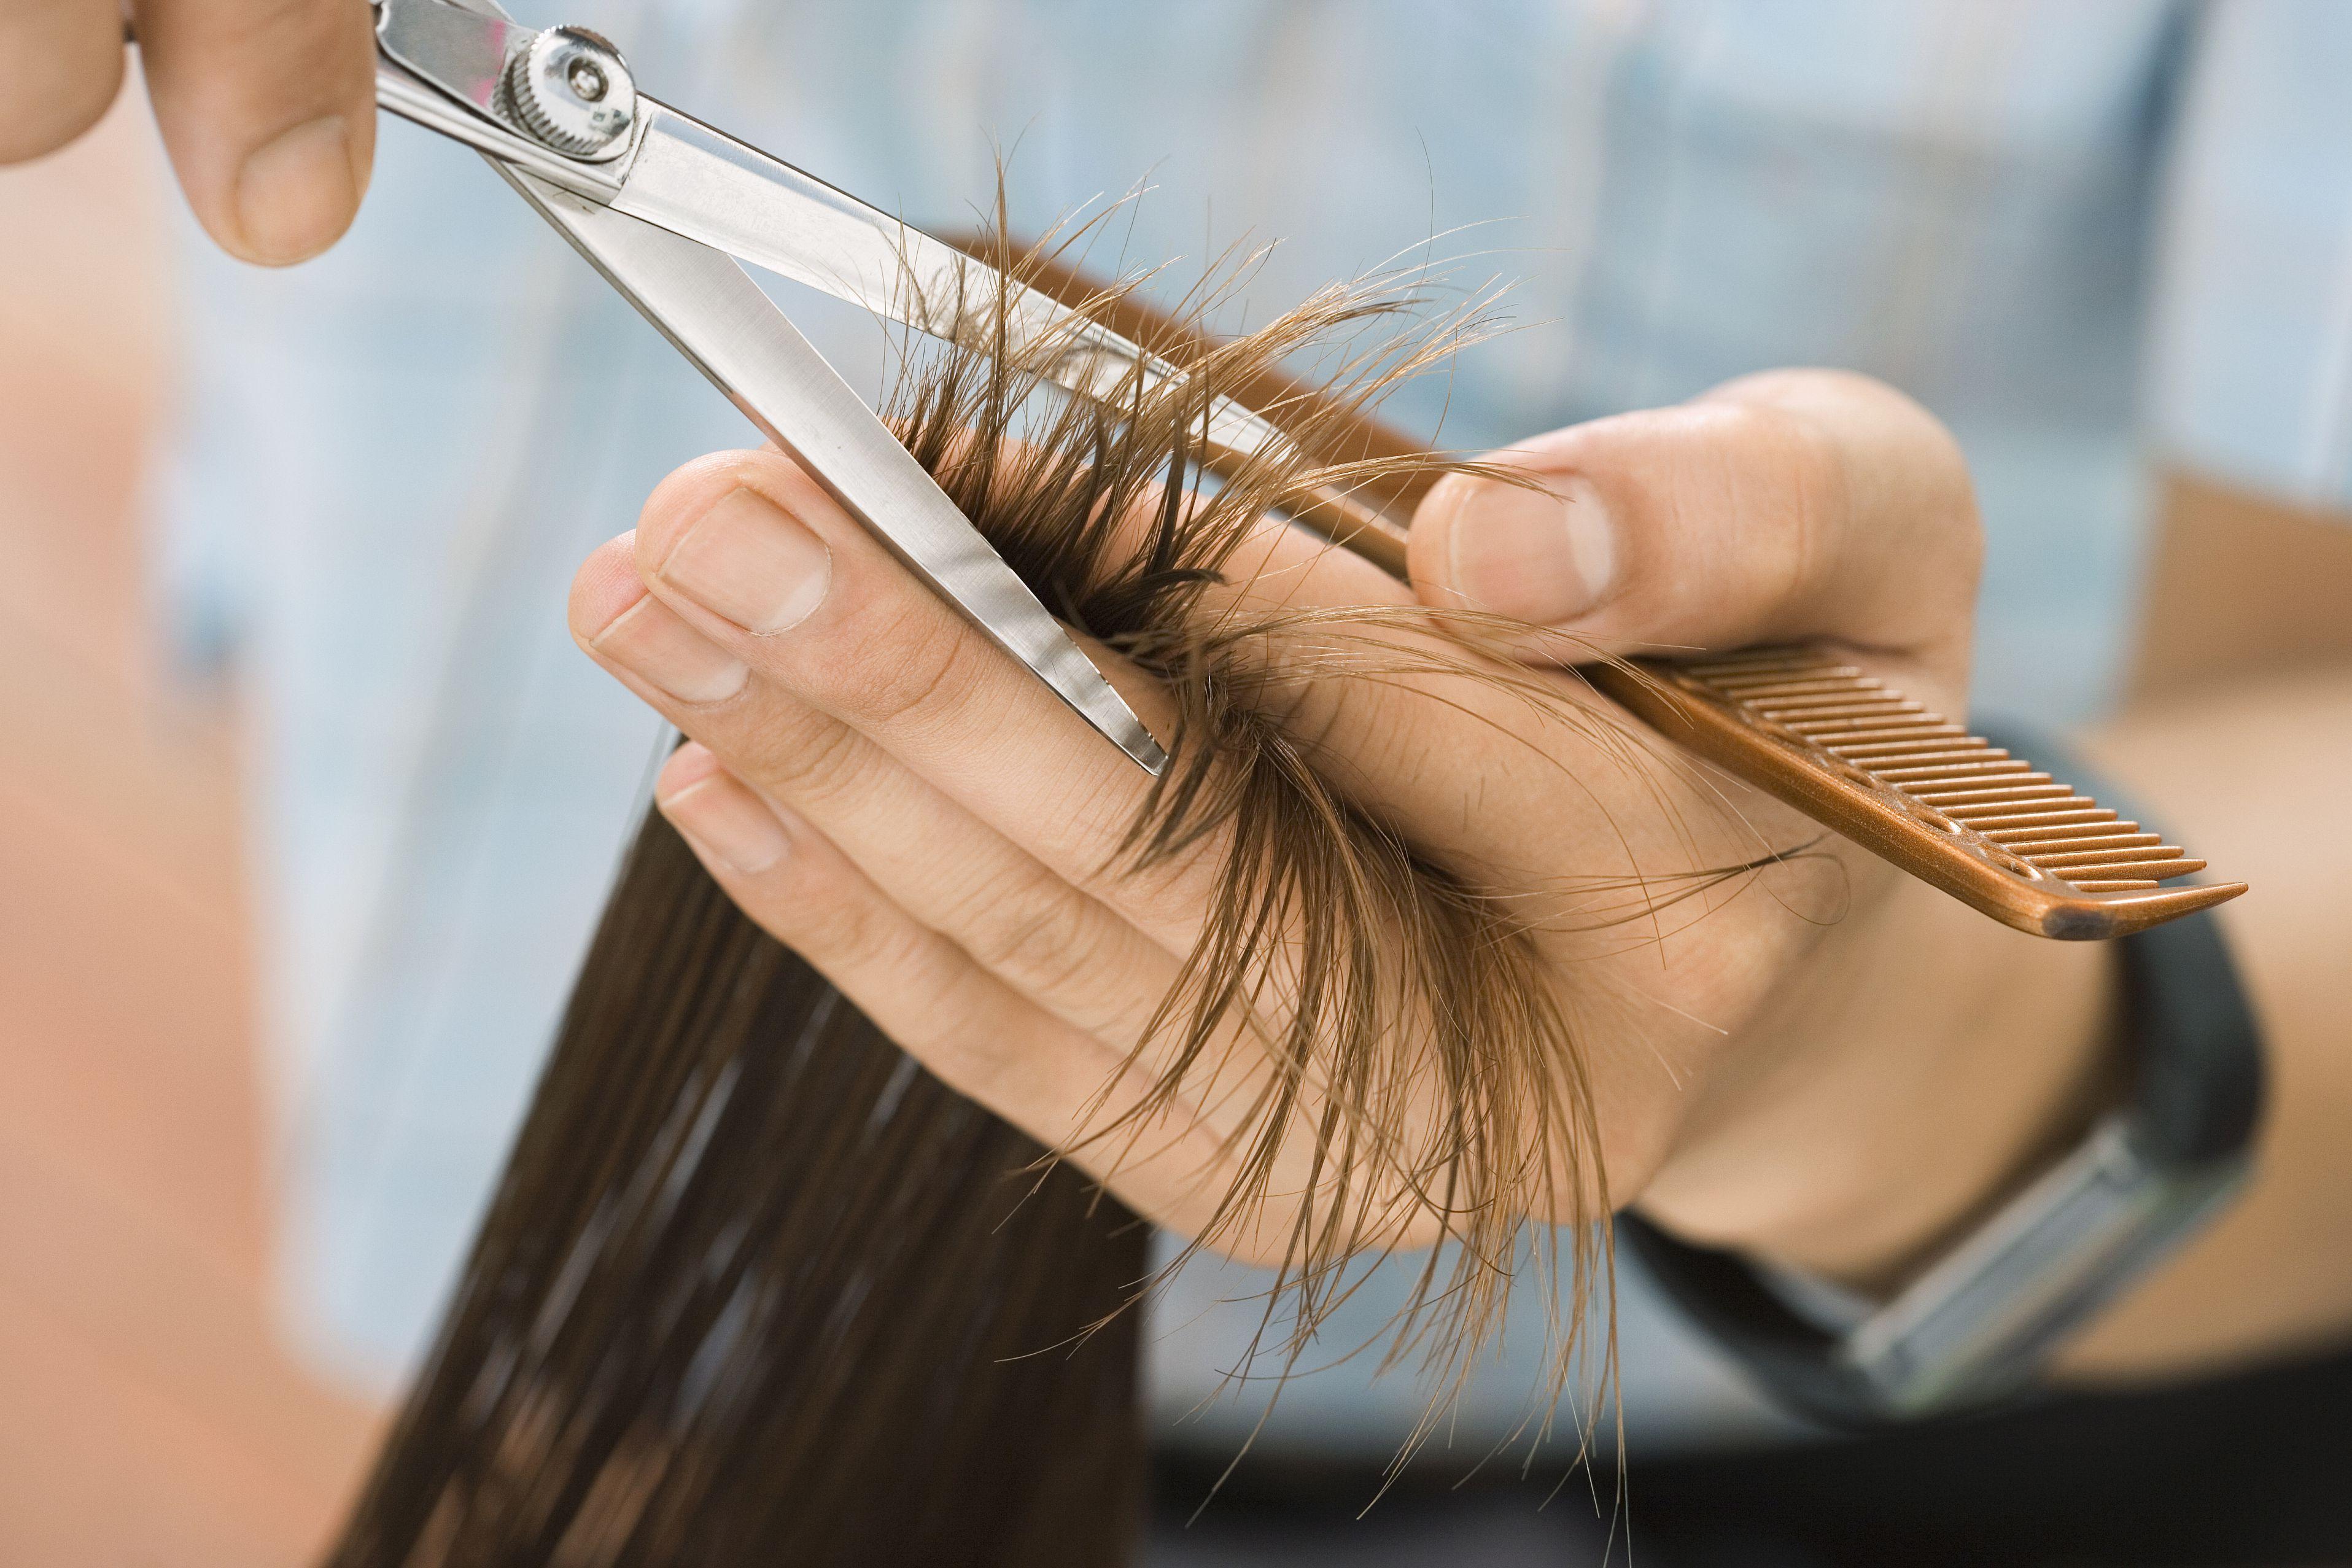 How Often Should Women Cut Their Hair